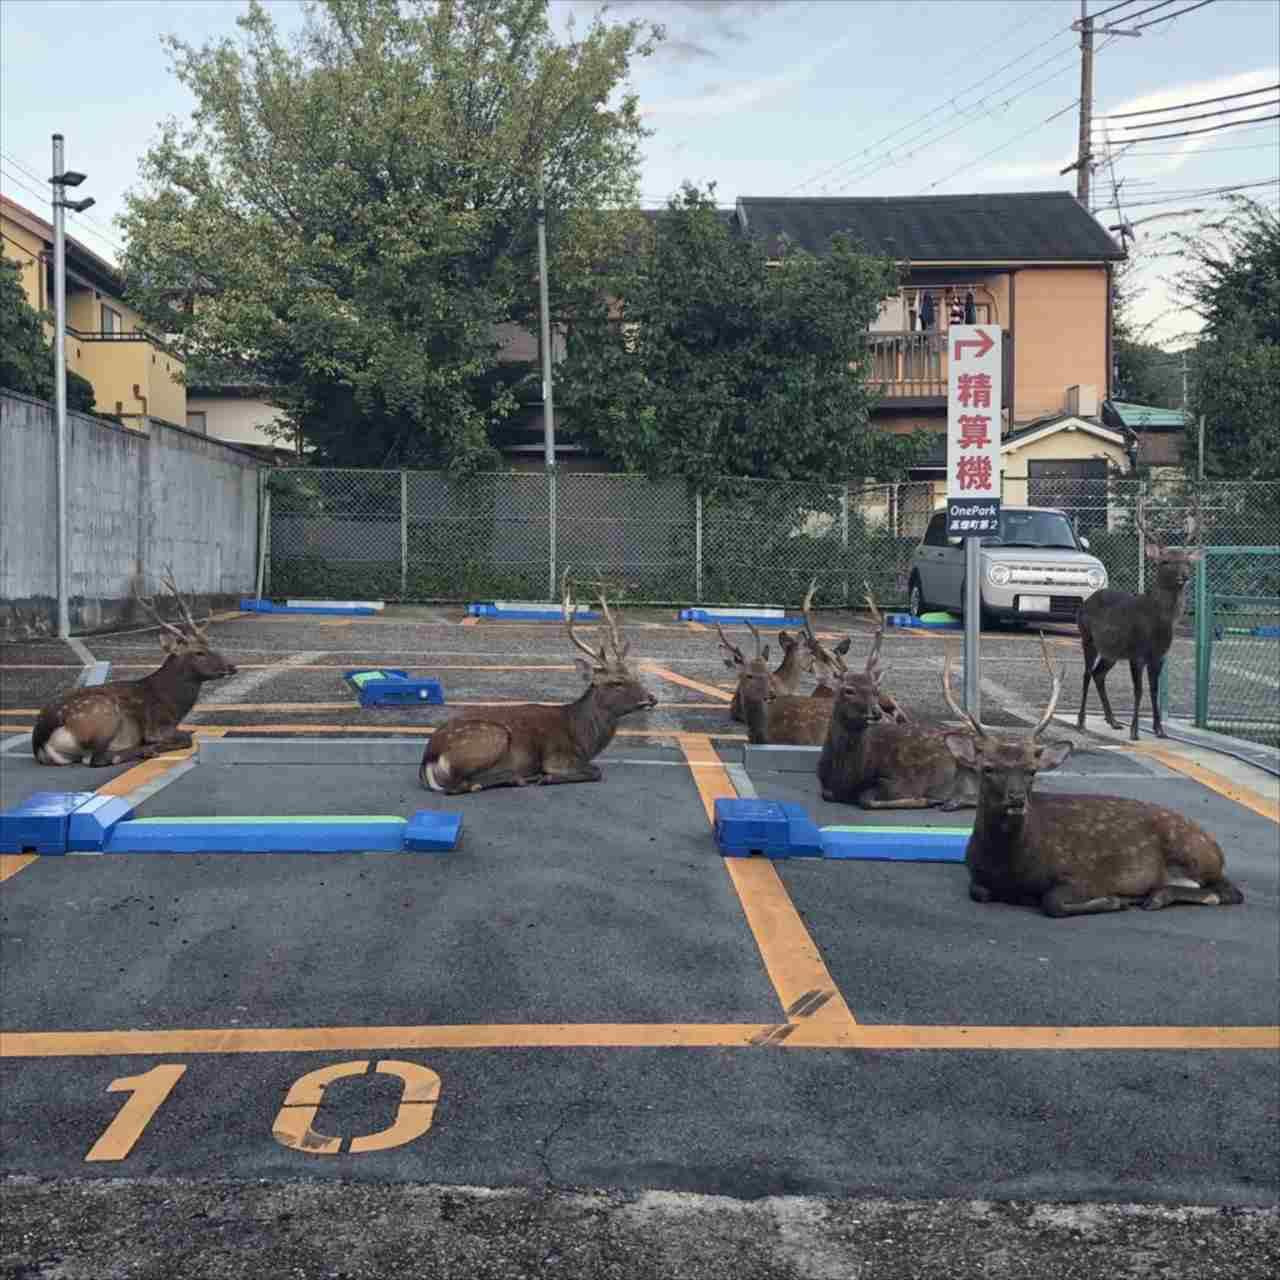 【さすが奈良】駐車場にとまるのは車だけじゃない?!なんと奈良を代表する『あの動物』のためのスペースになっていました!!